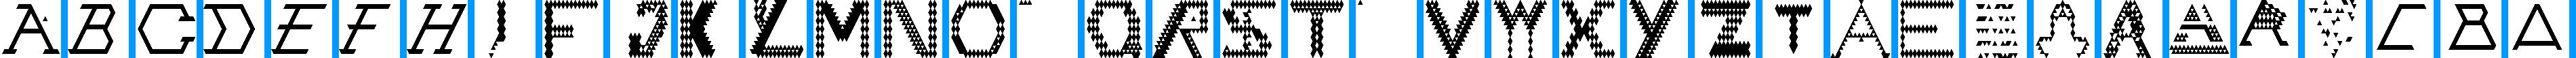 Particip-a-type v.208